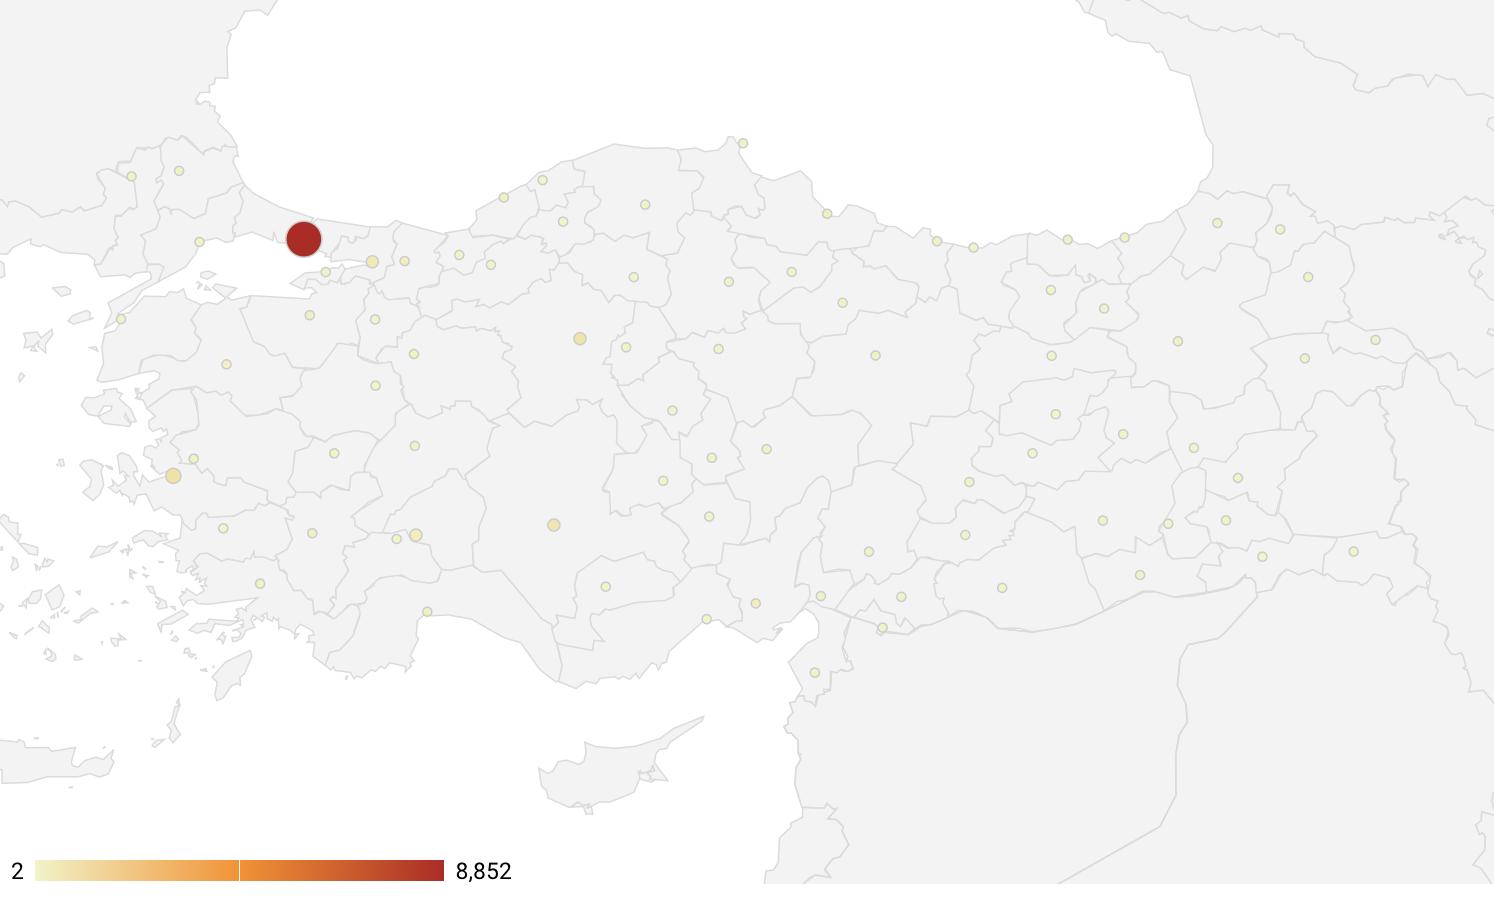 illere göre koronavirüs haritası